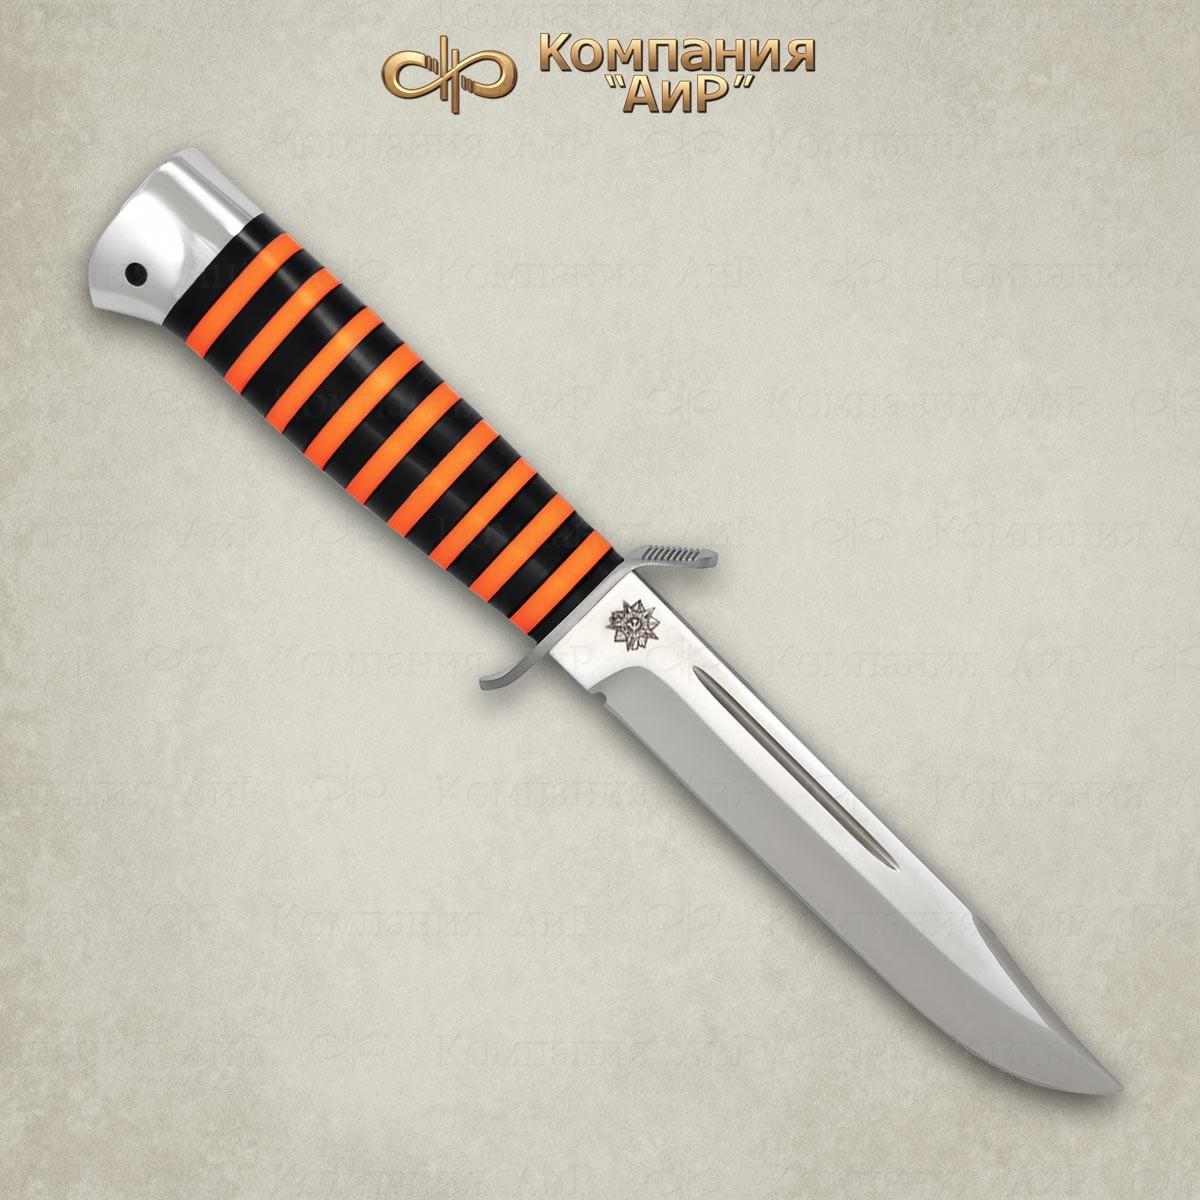 Нож Штрафбат, оргстекло, 95х18Тактические ножи<br>Универсальный, очень легкий средней величины нож с развитой стальной гардой классического типа. Нож прекрасно сбалансирован. Неширокий клинок толщиной 2,4 мм, с обушком популярной формы «лещиком», имеет вогнутые линзовидные спуски на половину ширины клинка, образующие прекрасно режущее лезвие. На голомени с обеих сторон клинка выбраны узкие долы, добавляющие жесткости клинку. Небольшая эргономичная рукоять на удивление хорошо ложится даже в большую ладонь. А расширенная головка рукояти хорошо способствует этому. Монтаж клинка сквозной, неразборный. Прототипом ножа является «нож разведчика» образца 1940 г. Заслуженно пользуется популярностью у широкого круга покупателей.<br>В комплекте:<br><br>кожаные ножны<br>сертификат соответствия о том, что нож не является холодным оружием<br>паспорт изделия<br>мягкий текстильный кейс с логотипом компании<br>